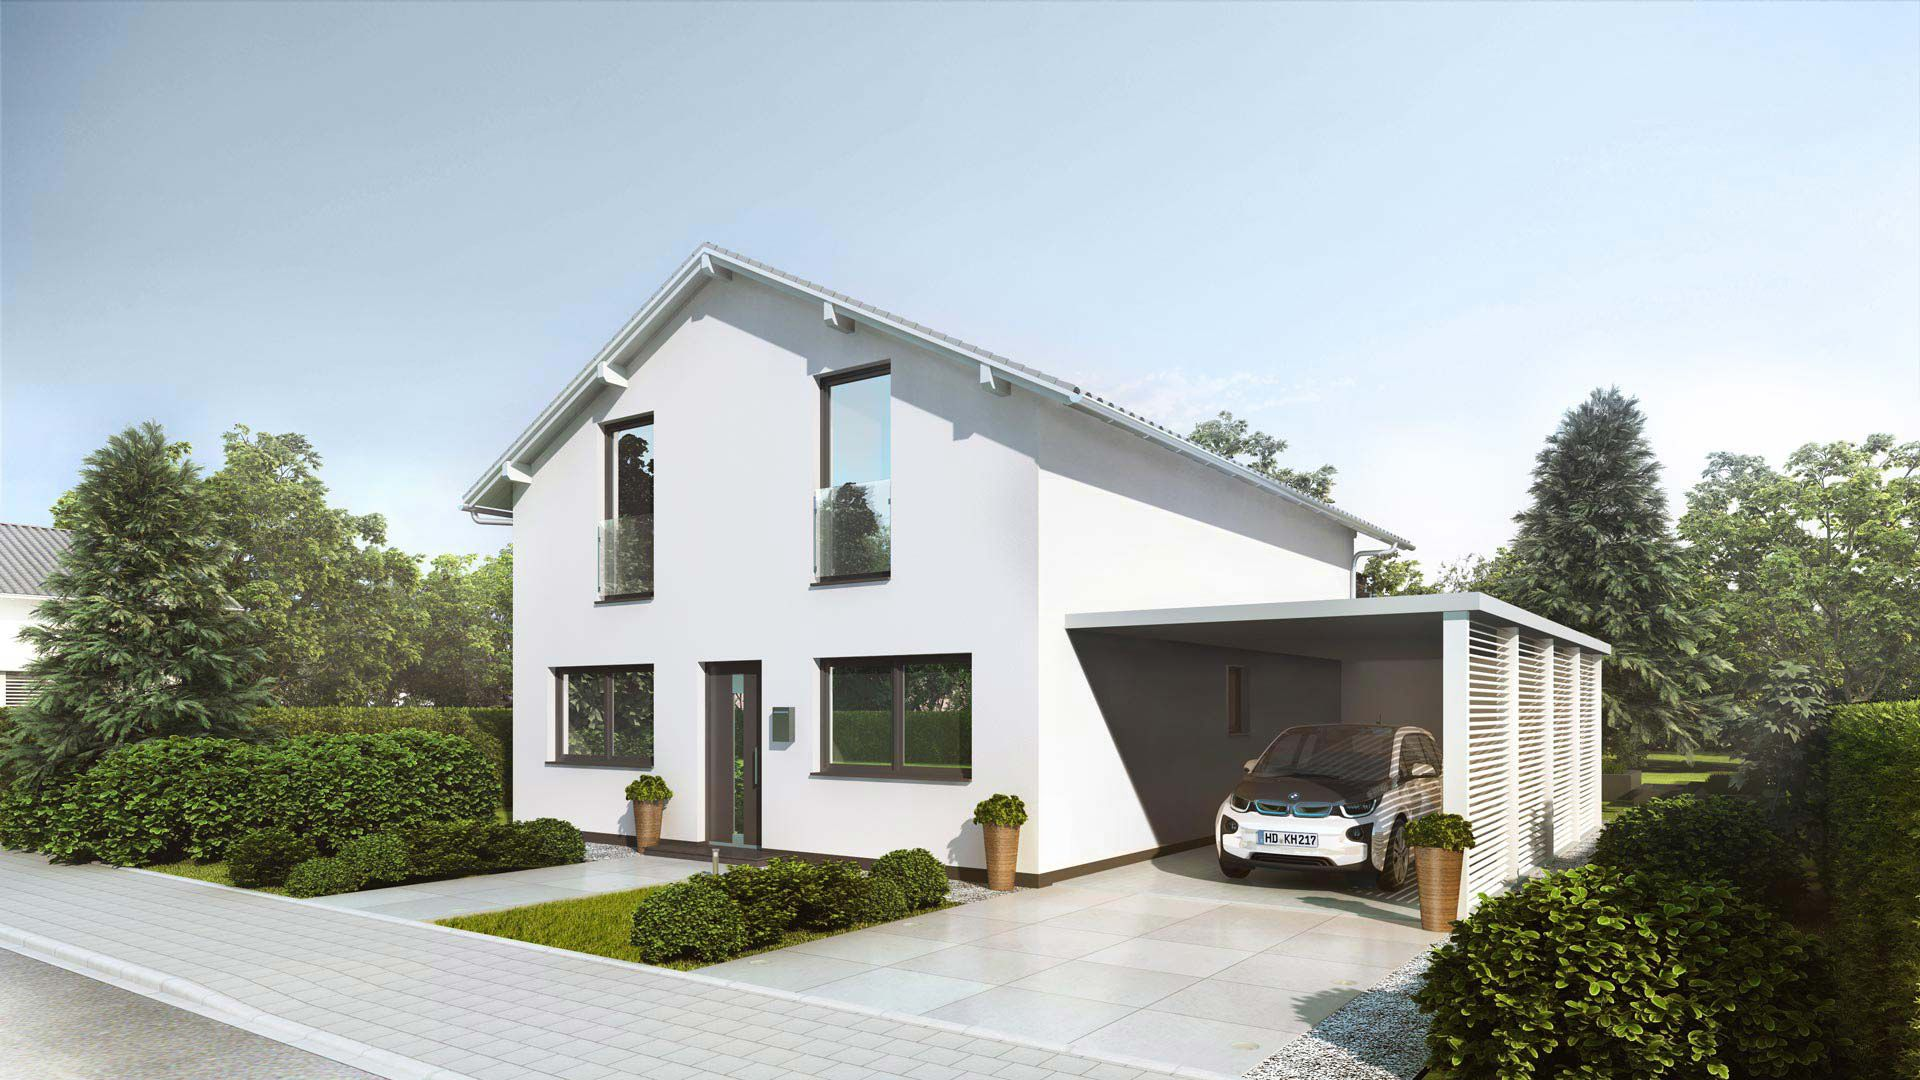 ökologische Häuser klima häuser hausidee kiefer massivholzbauweise einfamilienhaus